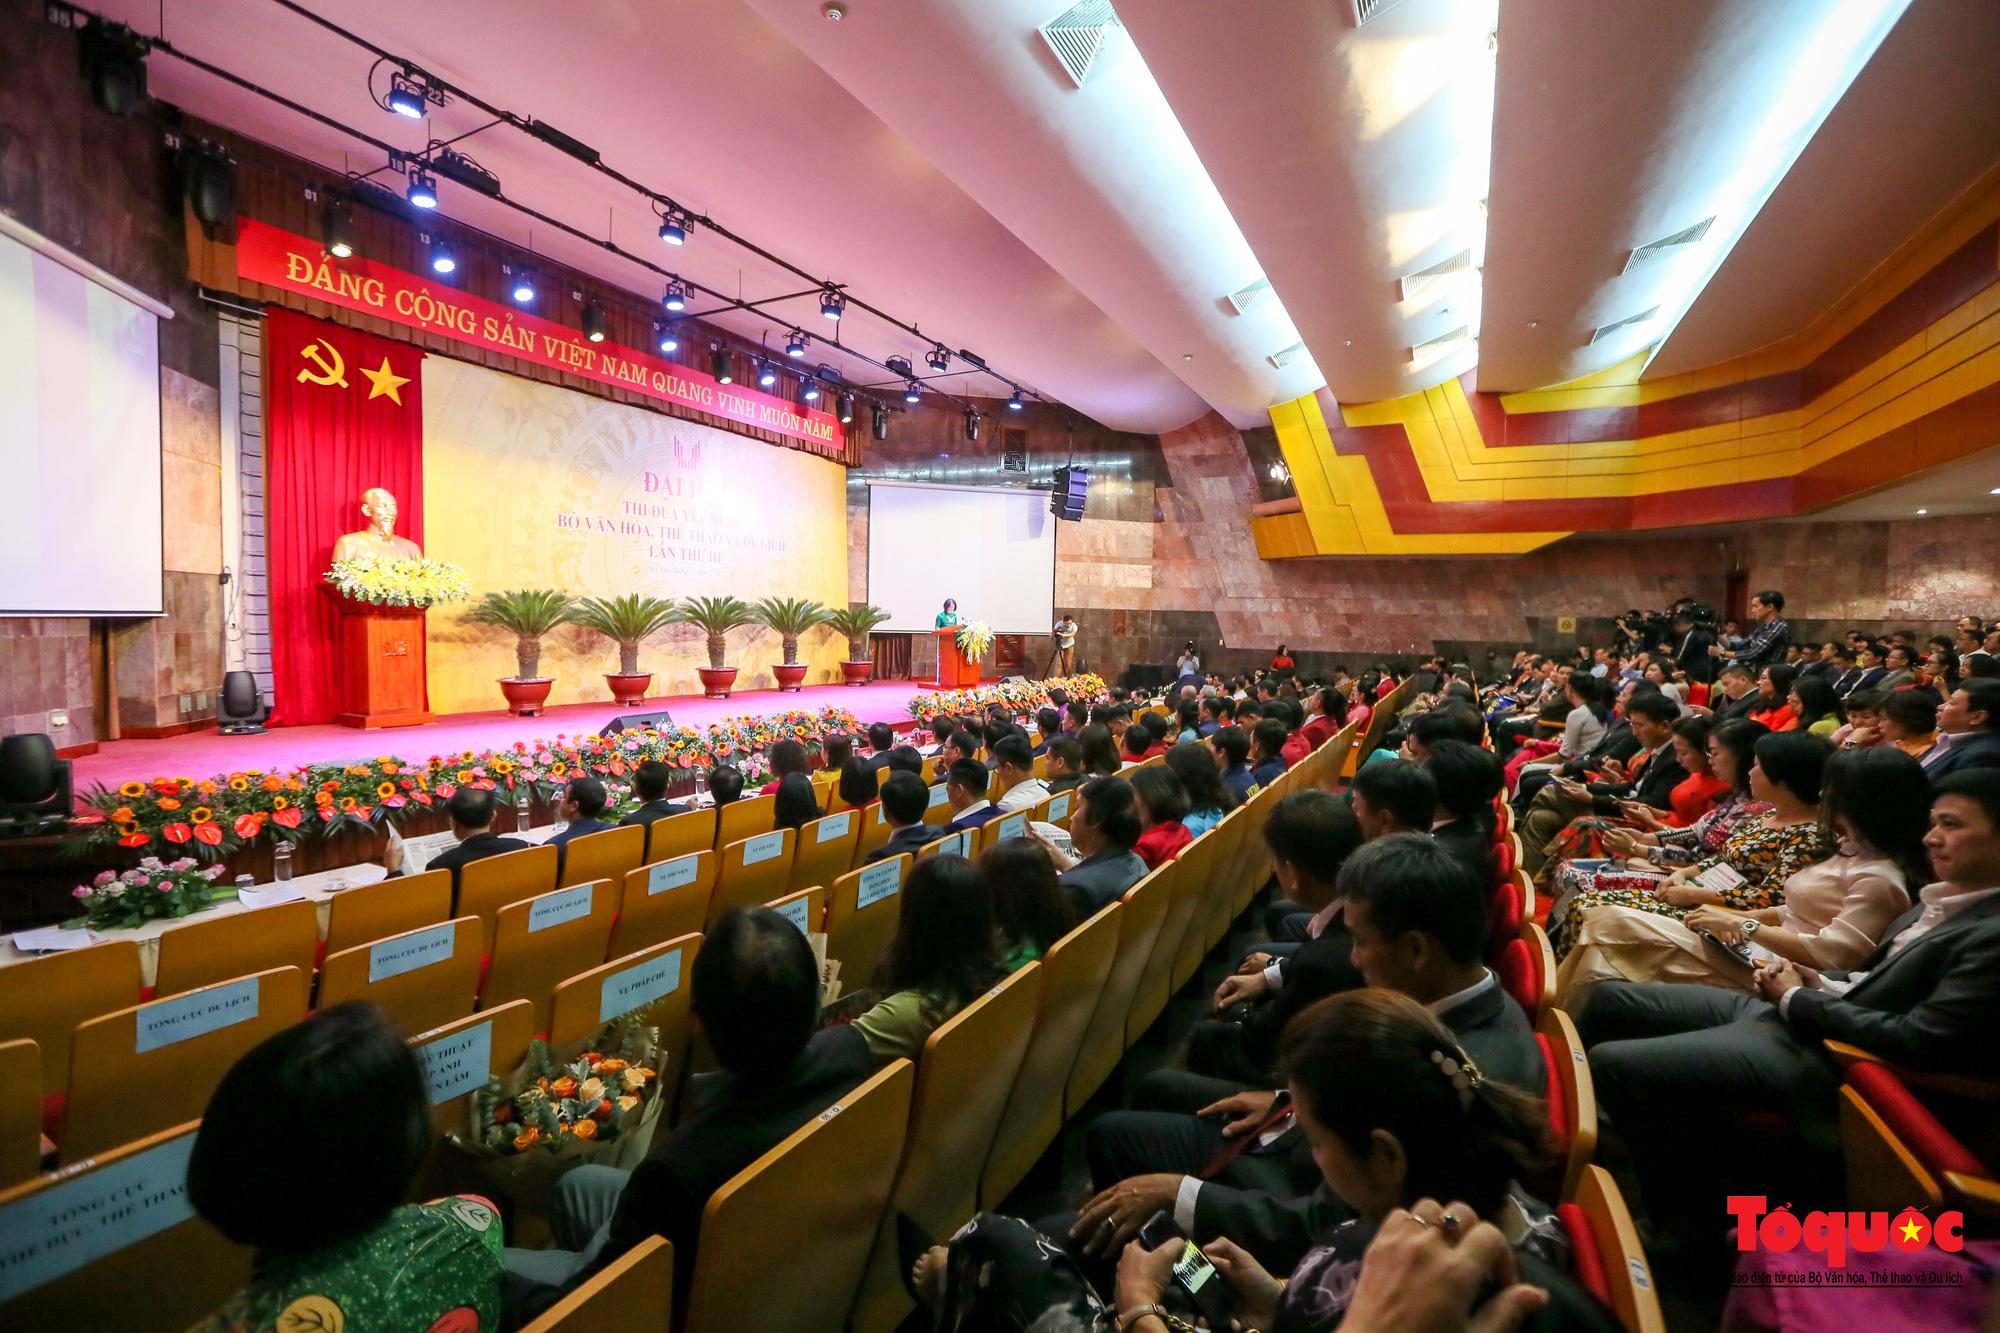 Chùm ảnh: Đại hội Thi đua yêu nước Bộ Văn hóa, Thể thao và Du lịch - Ảnh 6.